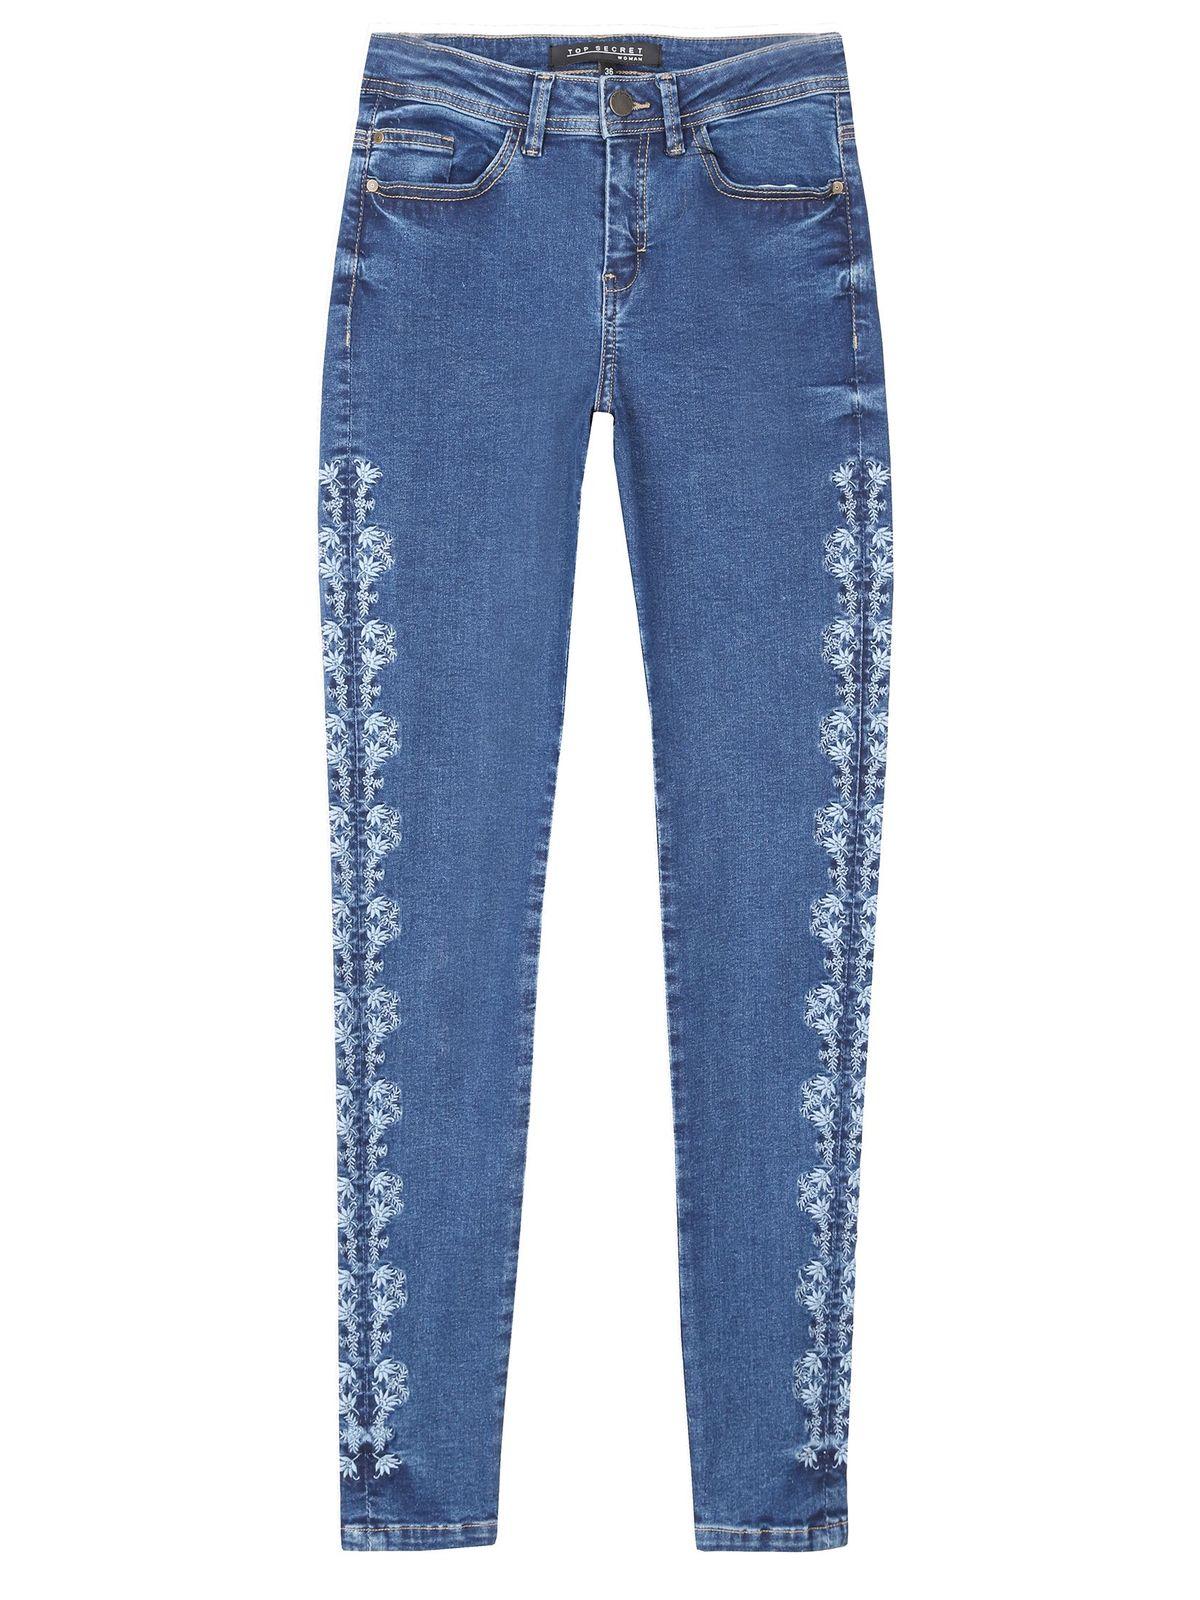 TOP SECRET jean παντελονι με κεντημα